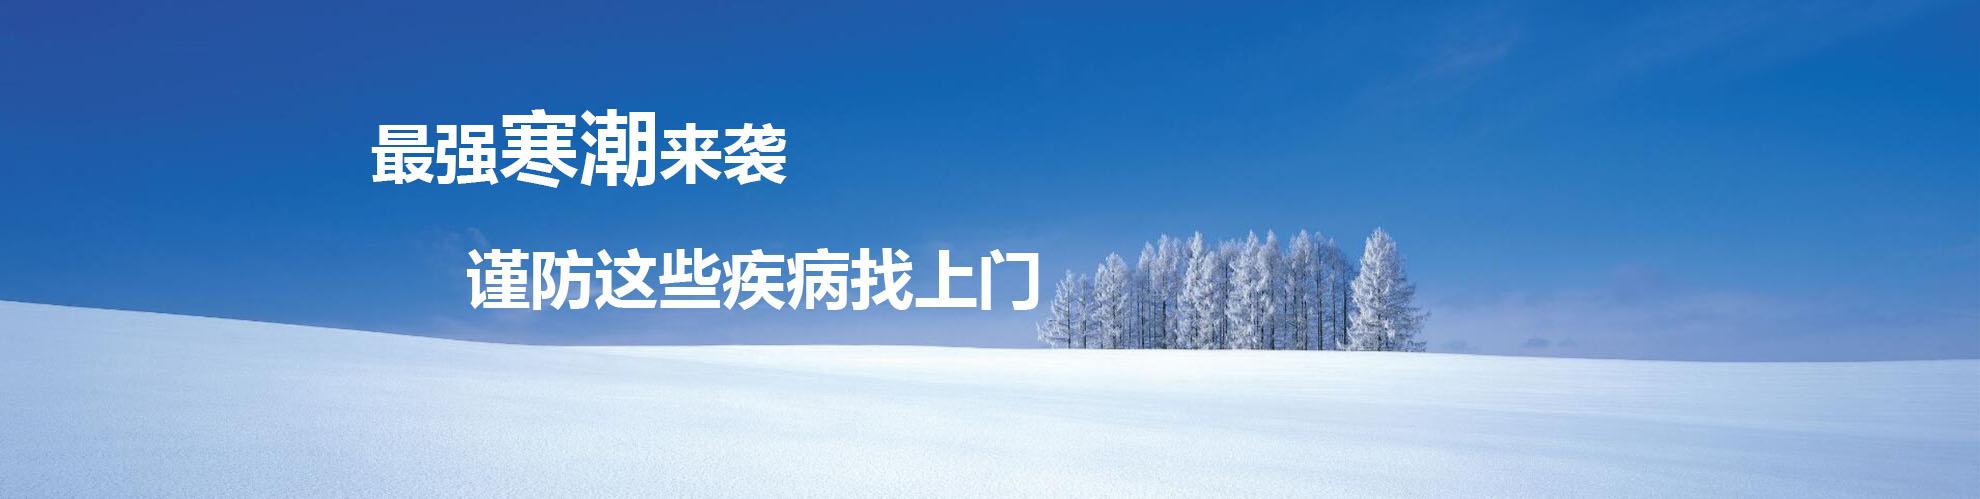 最强寒潮降雪发威 当心这些疾病找上门